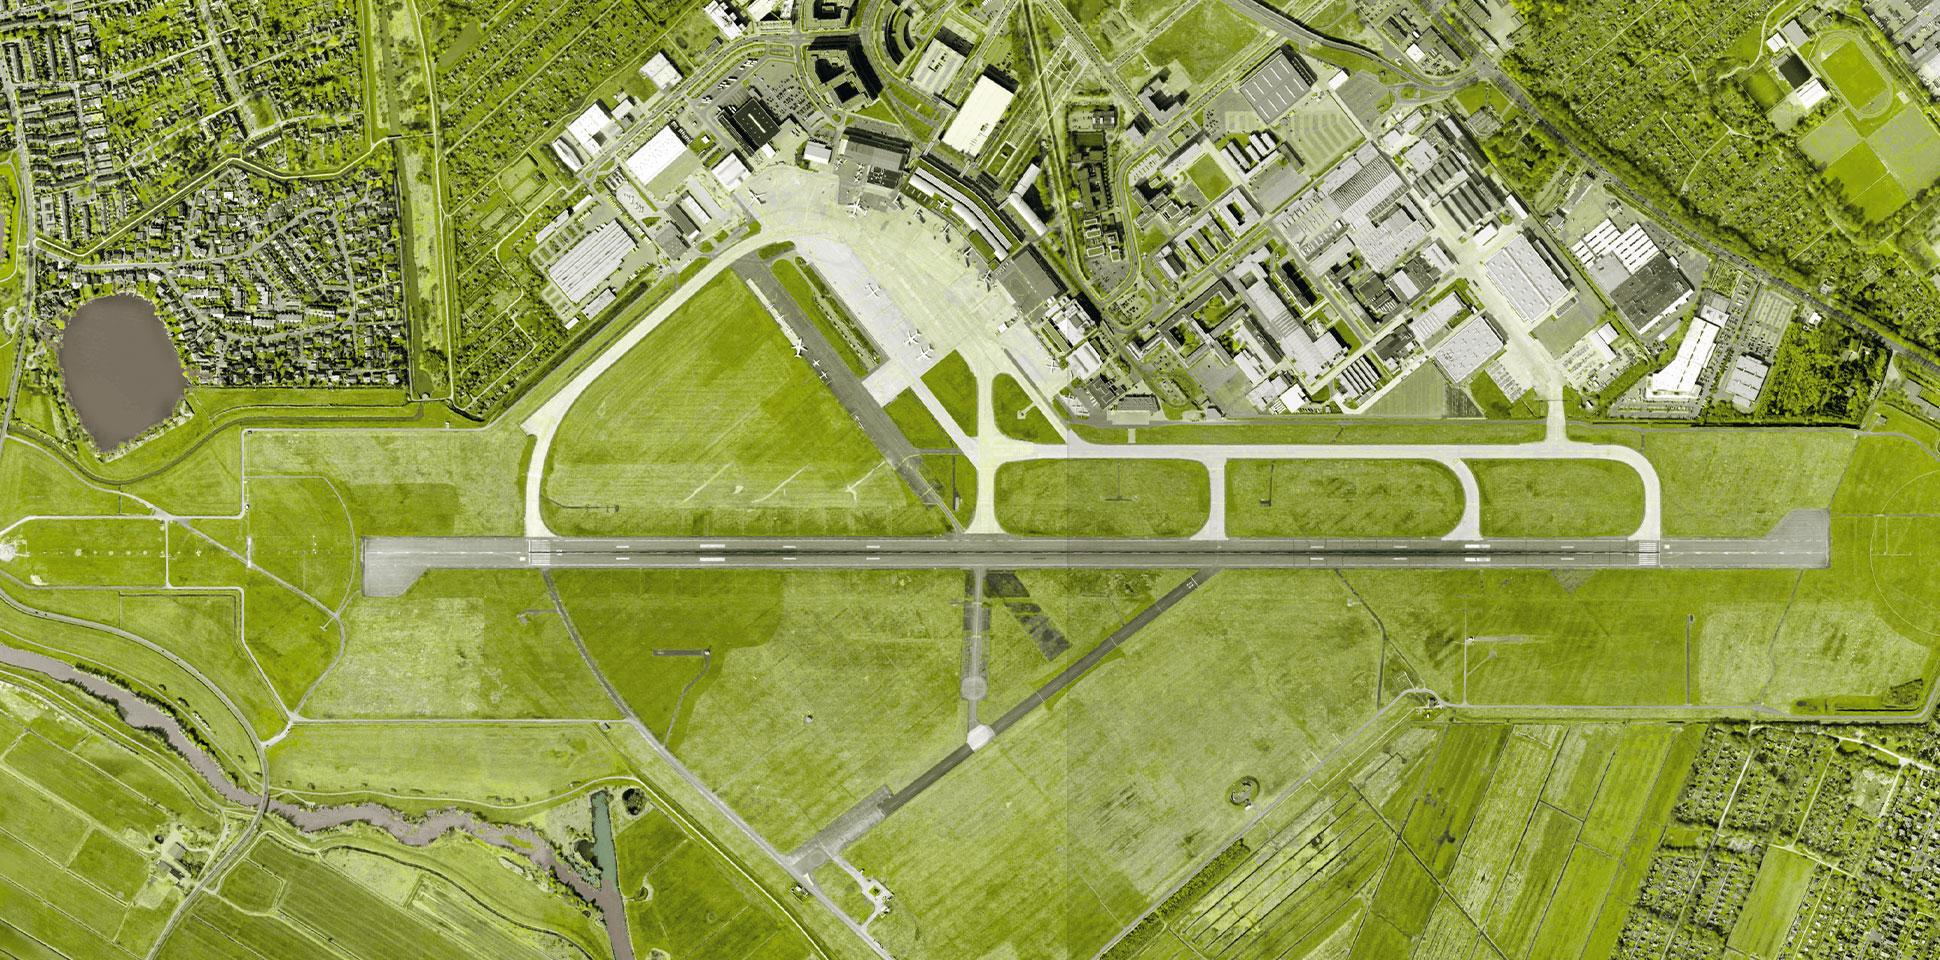 airport-bremen umweltbericht luftaufnahme 2012 polarwerk